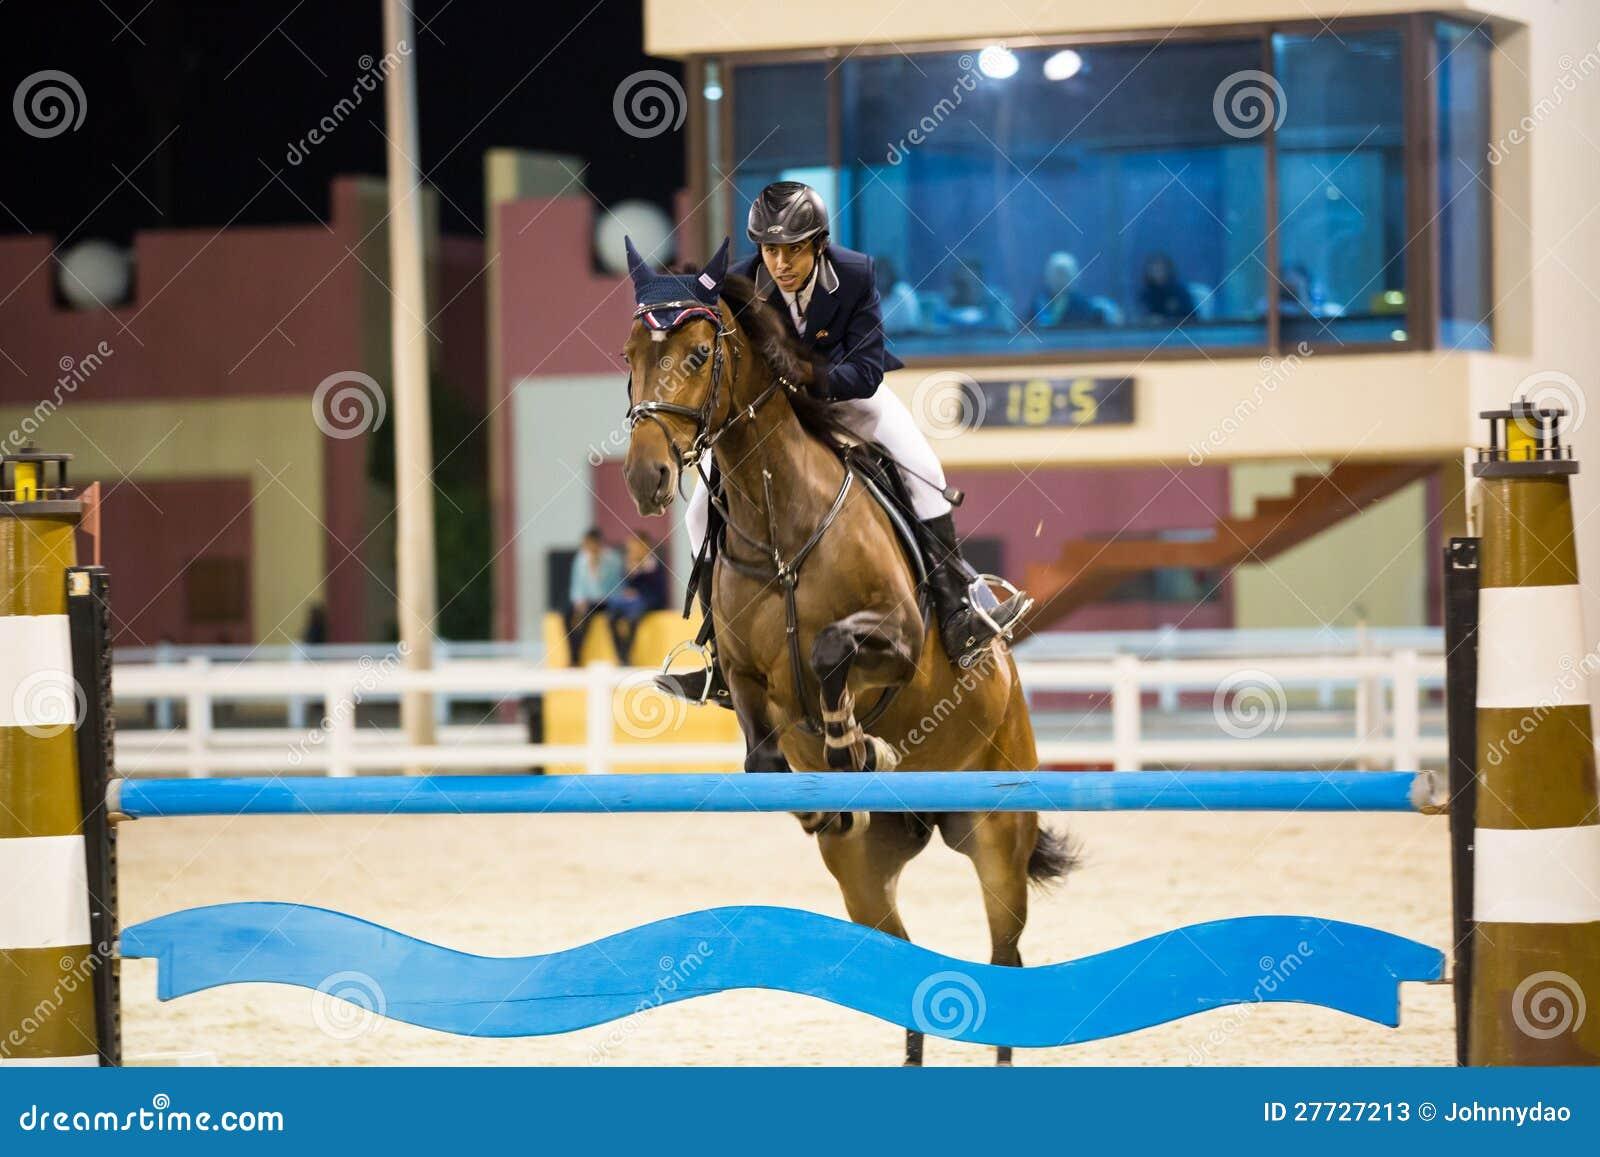 Mitfahrer konkurriert in springendem Erscheinen des Pferds